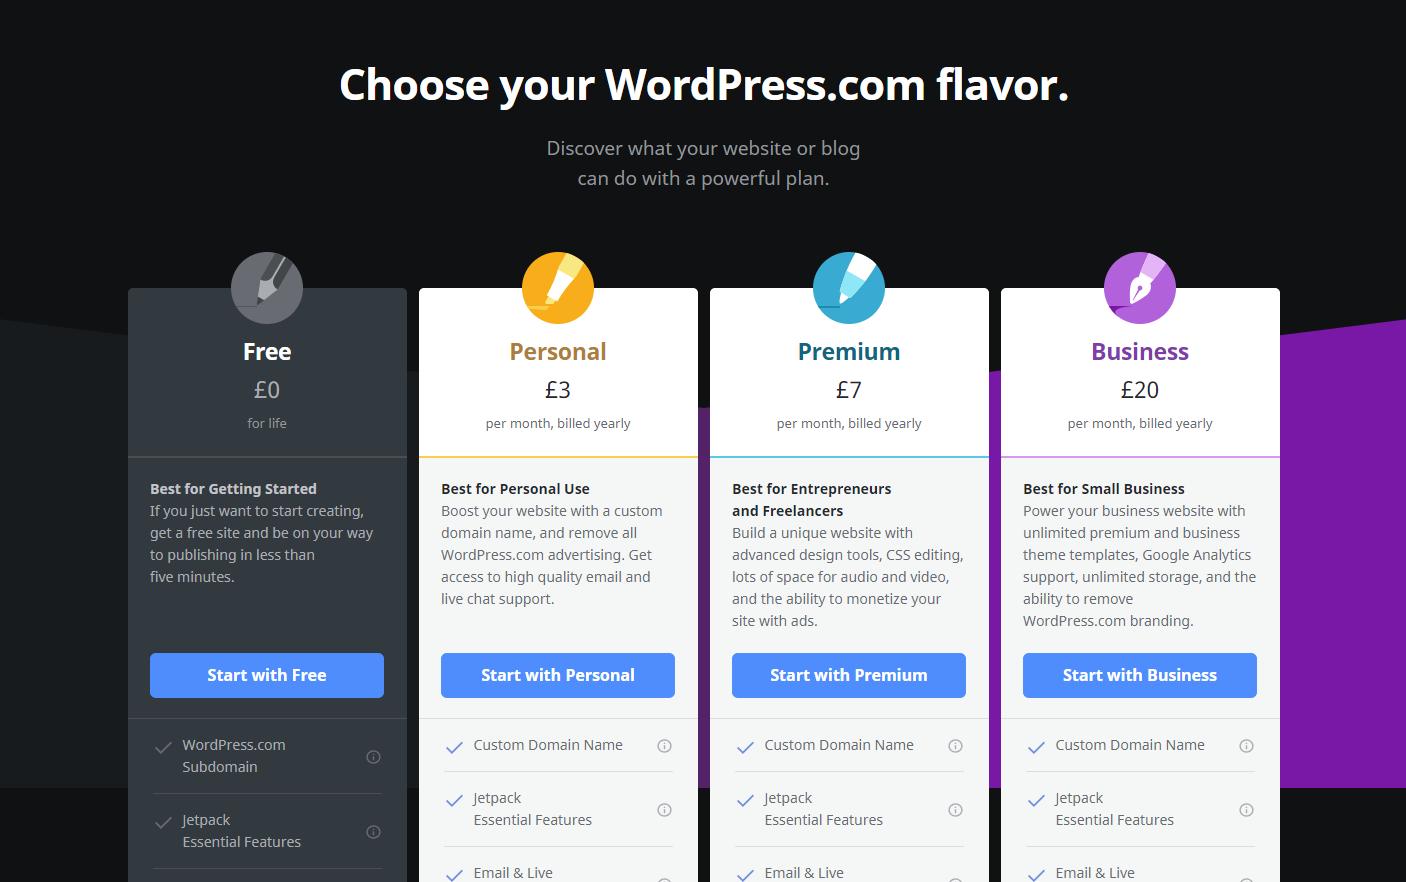 WordPress.com plan comparison   HollyPryce.com